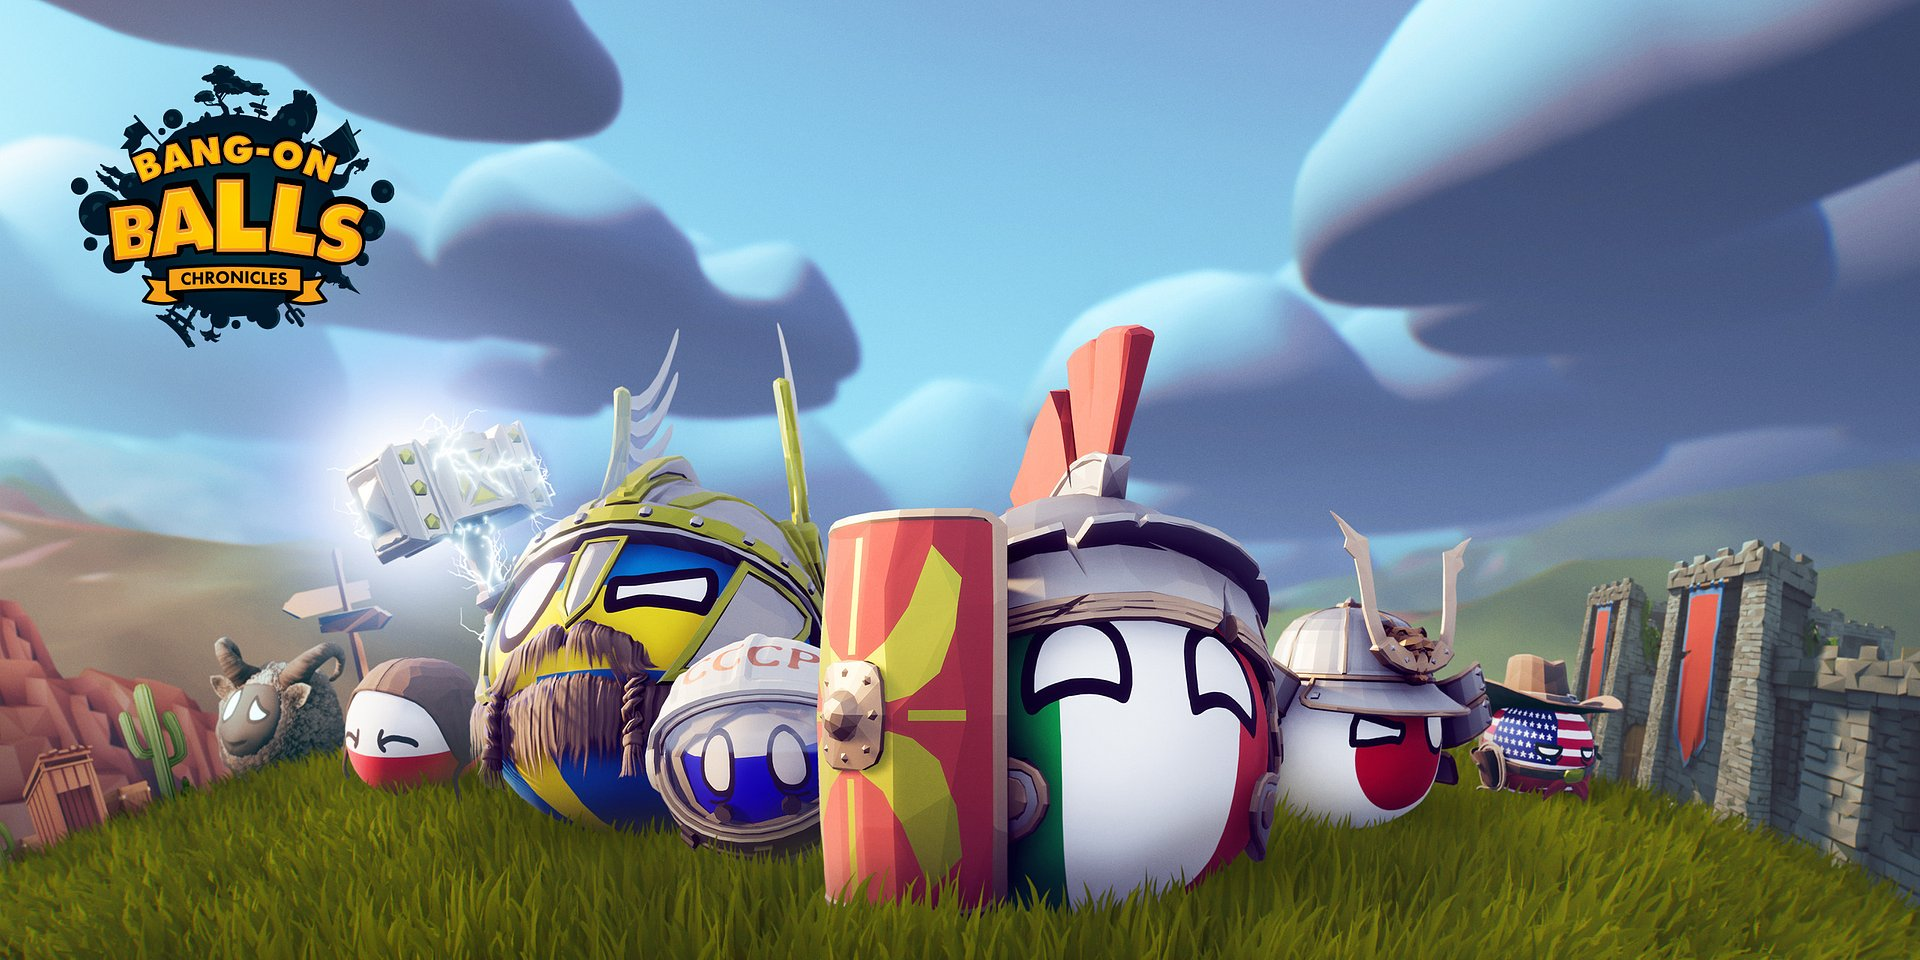 Exit Plan Games turla Bang-On Balls: Chronicles - pełną akcji i niszczenia otoczenia, prawie-historyczną platformówkę 3D!